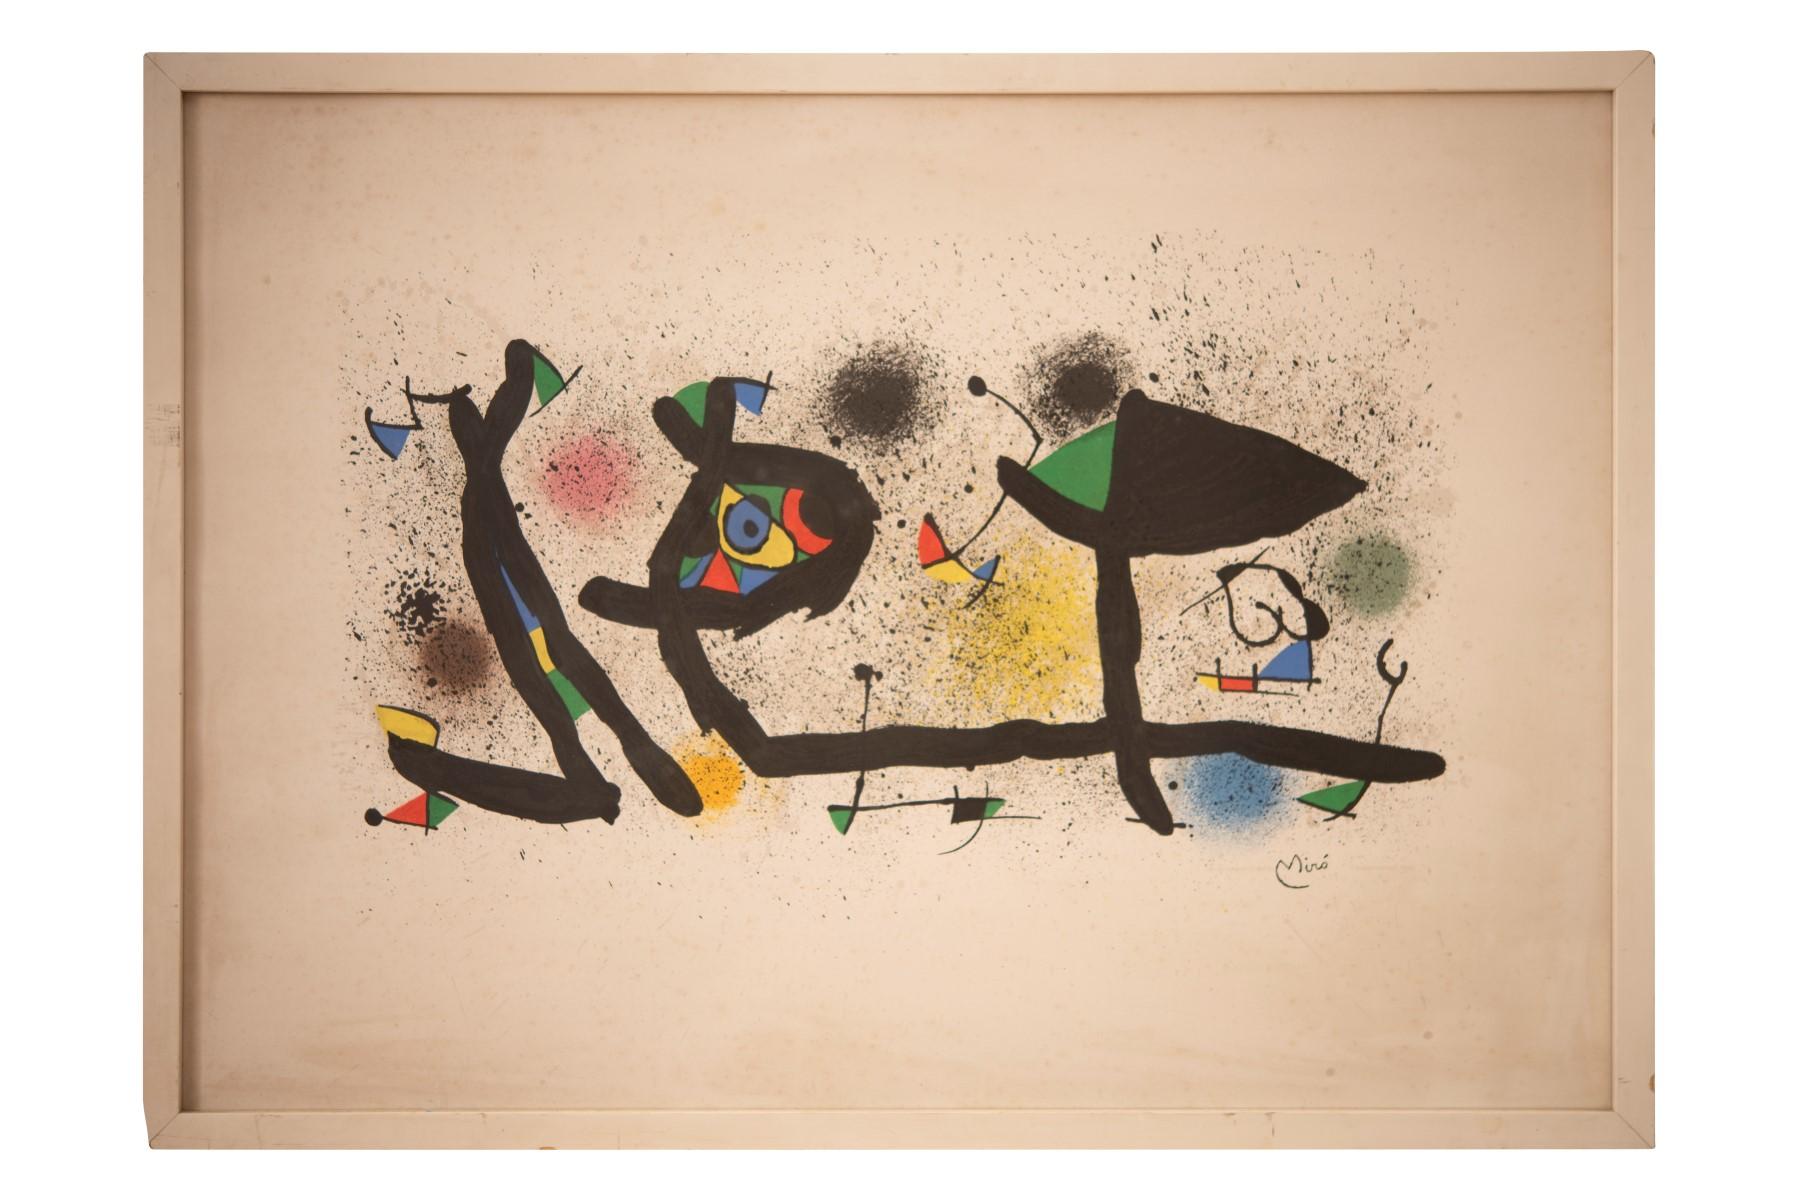 #97 Joan Miró (1893-1983), Skulpturen, 1974 | Joan Miró* (1893-1983), Sculptures, 1974 Image